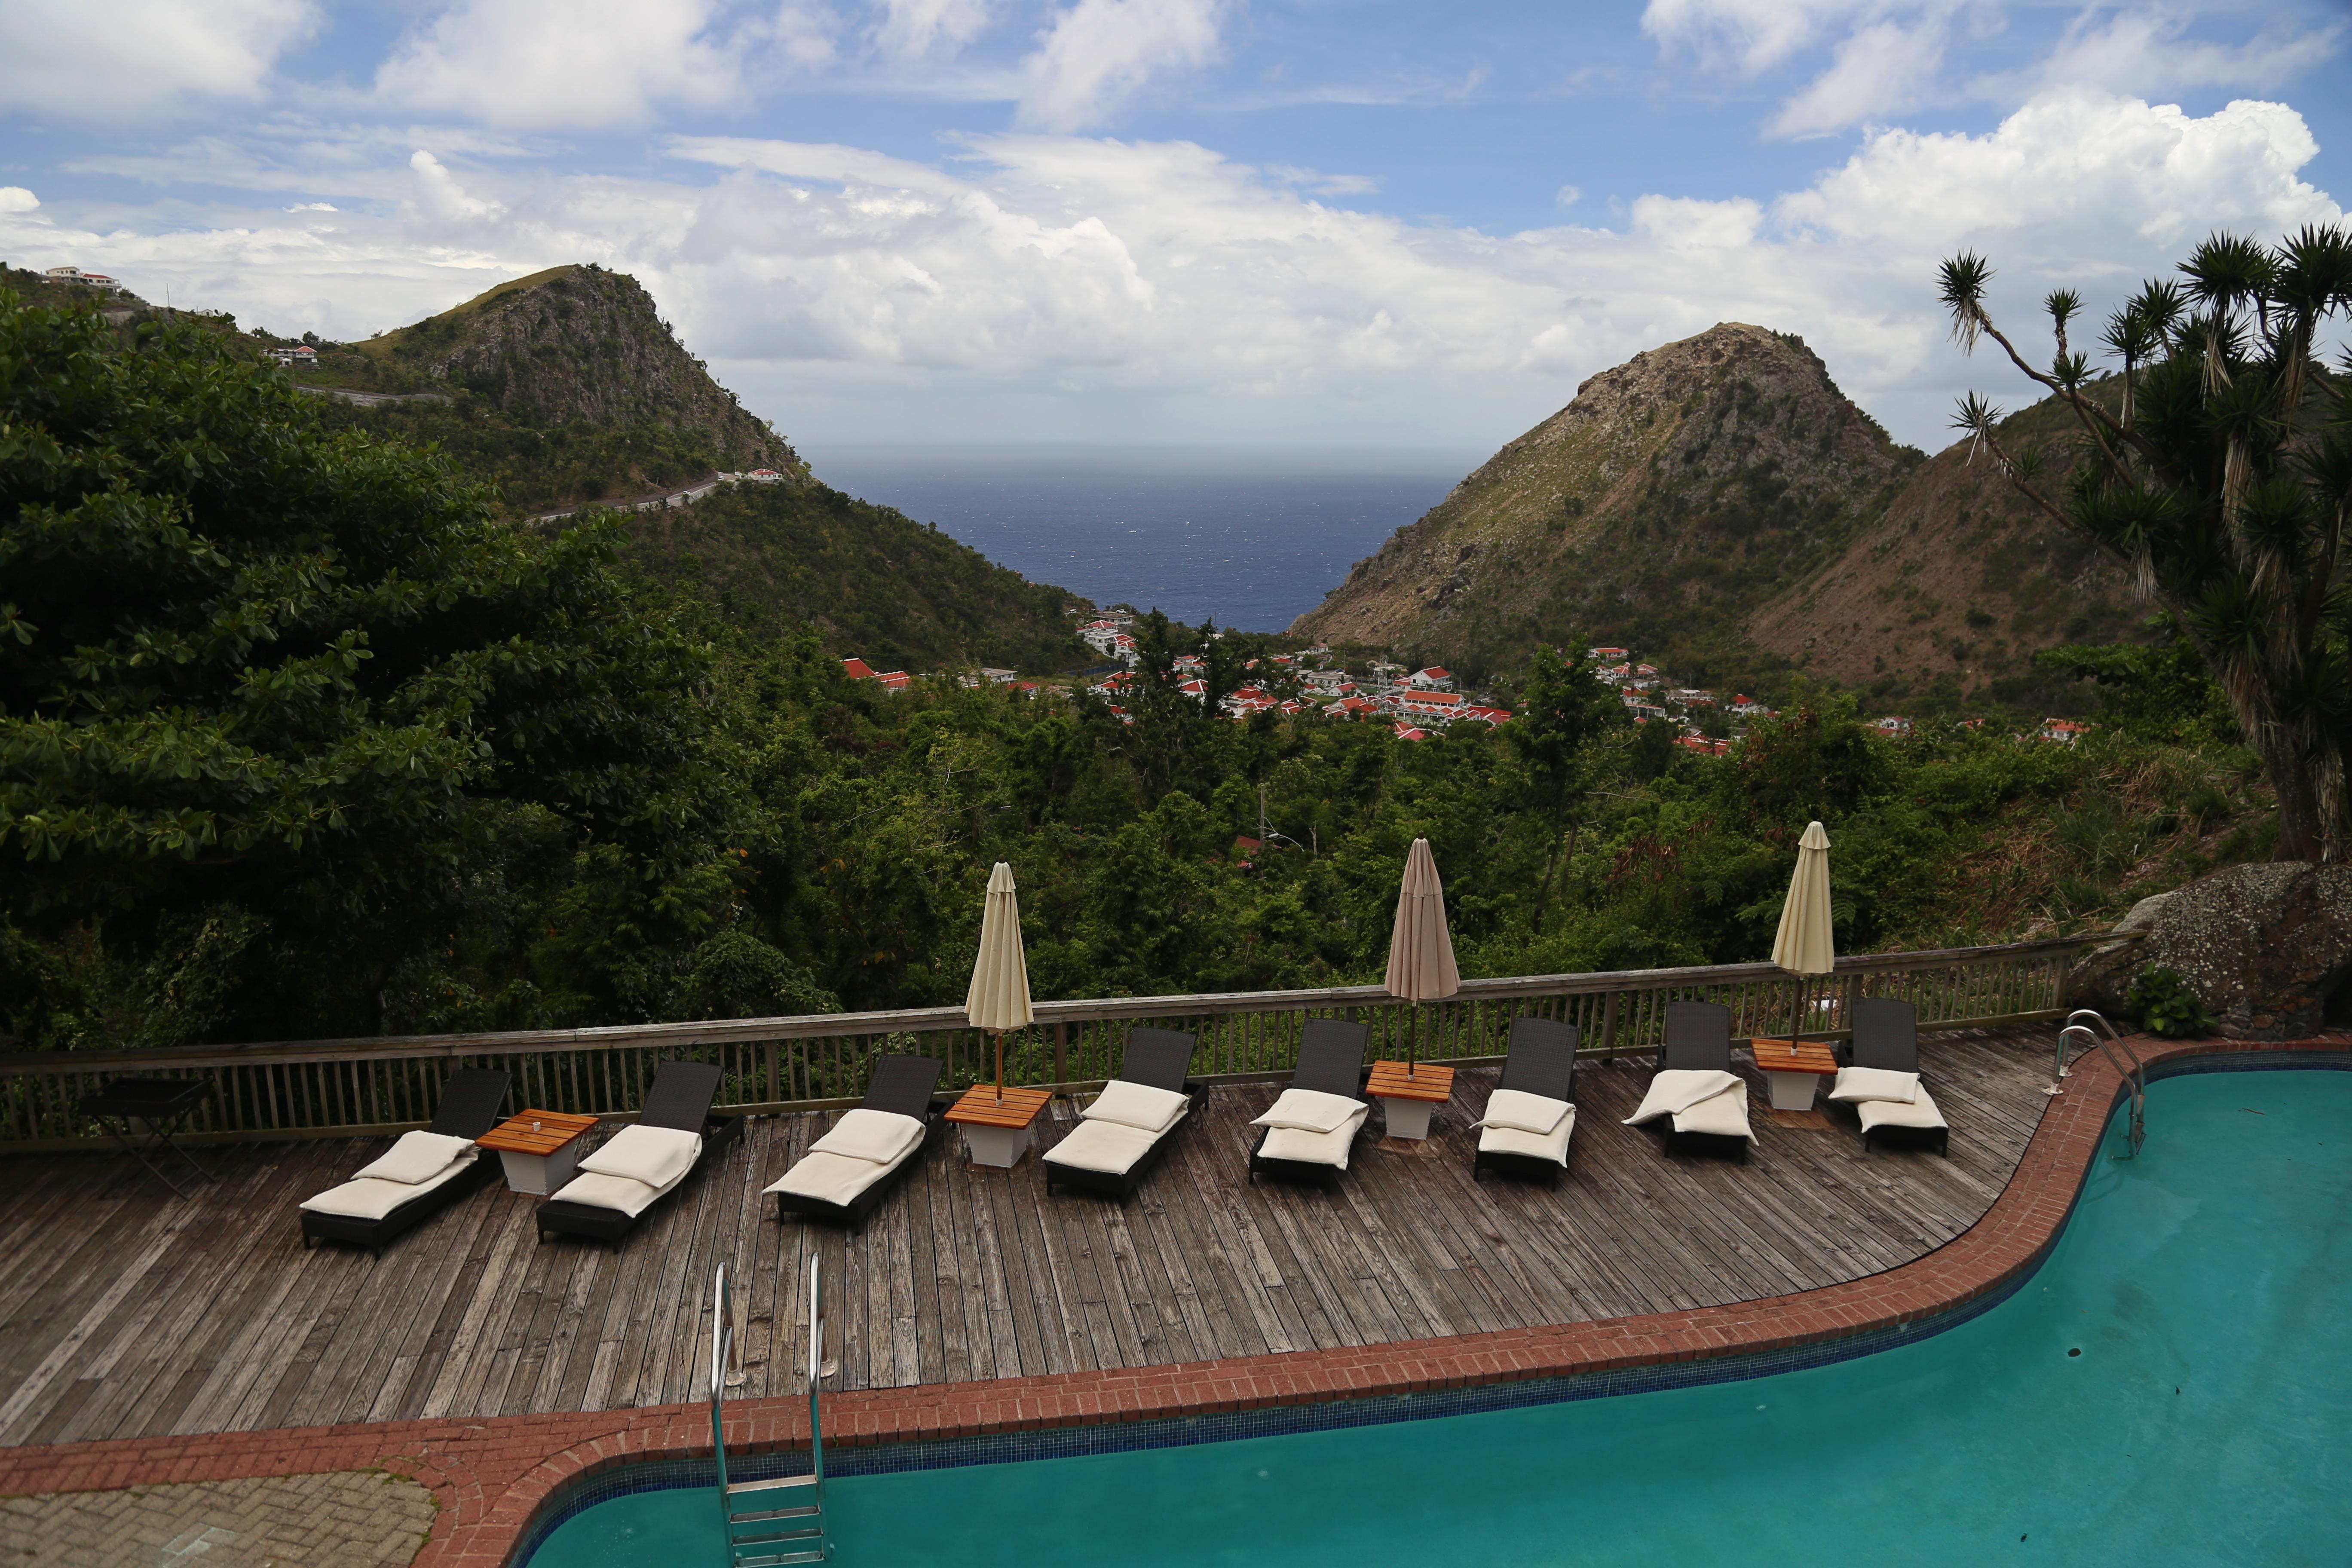 View from Queen's Garden Resort